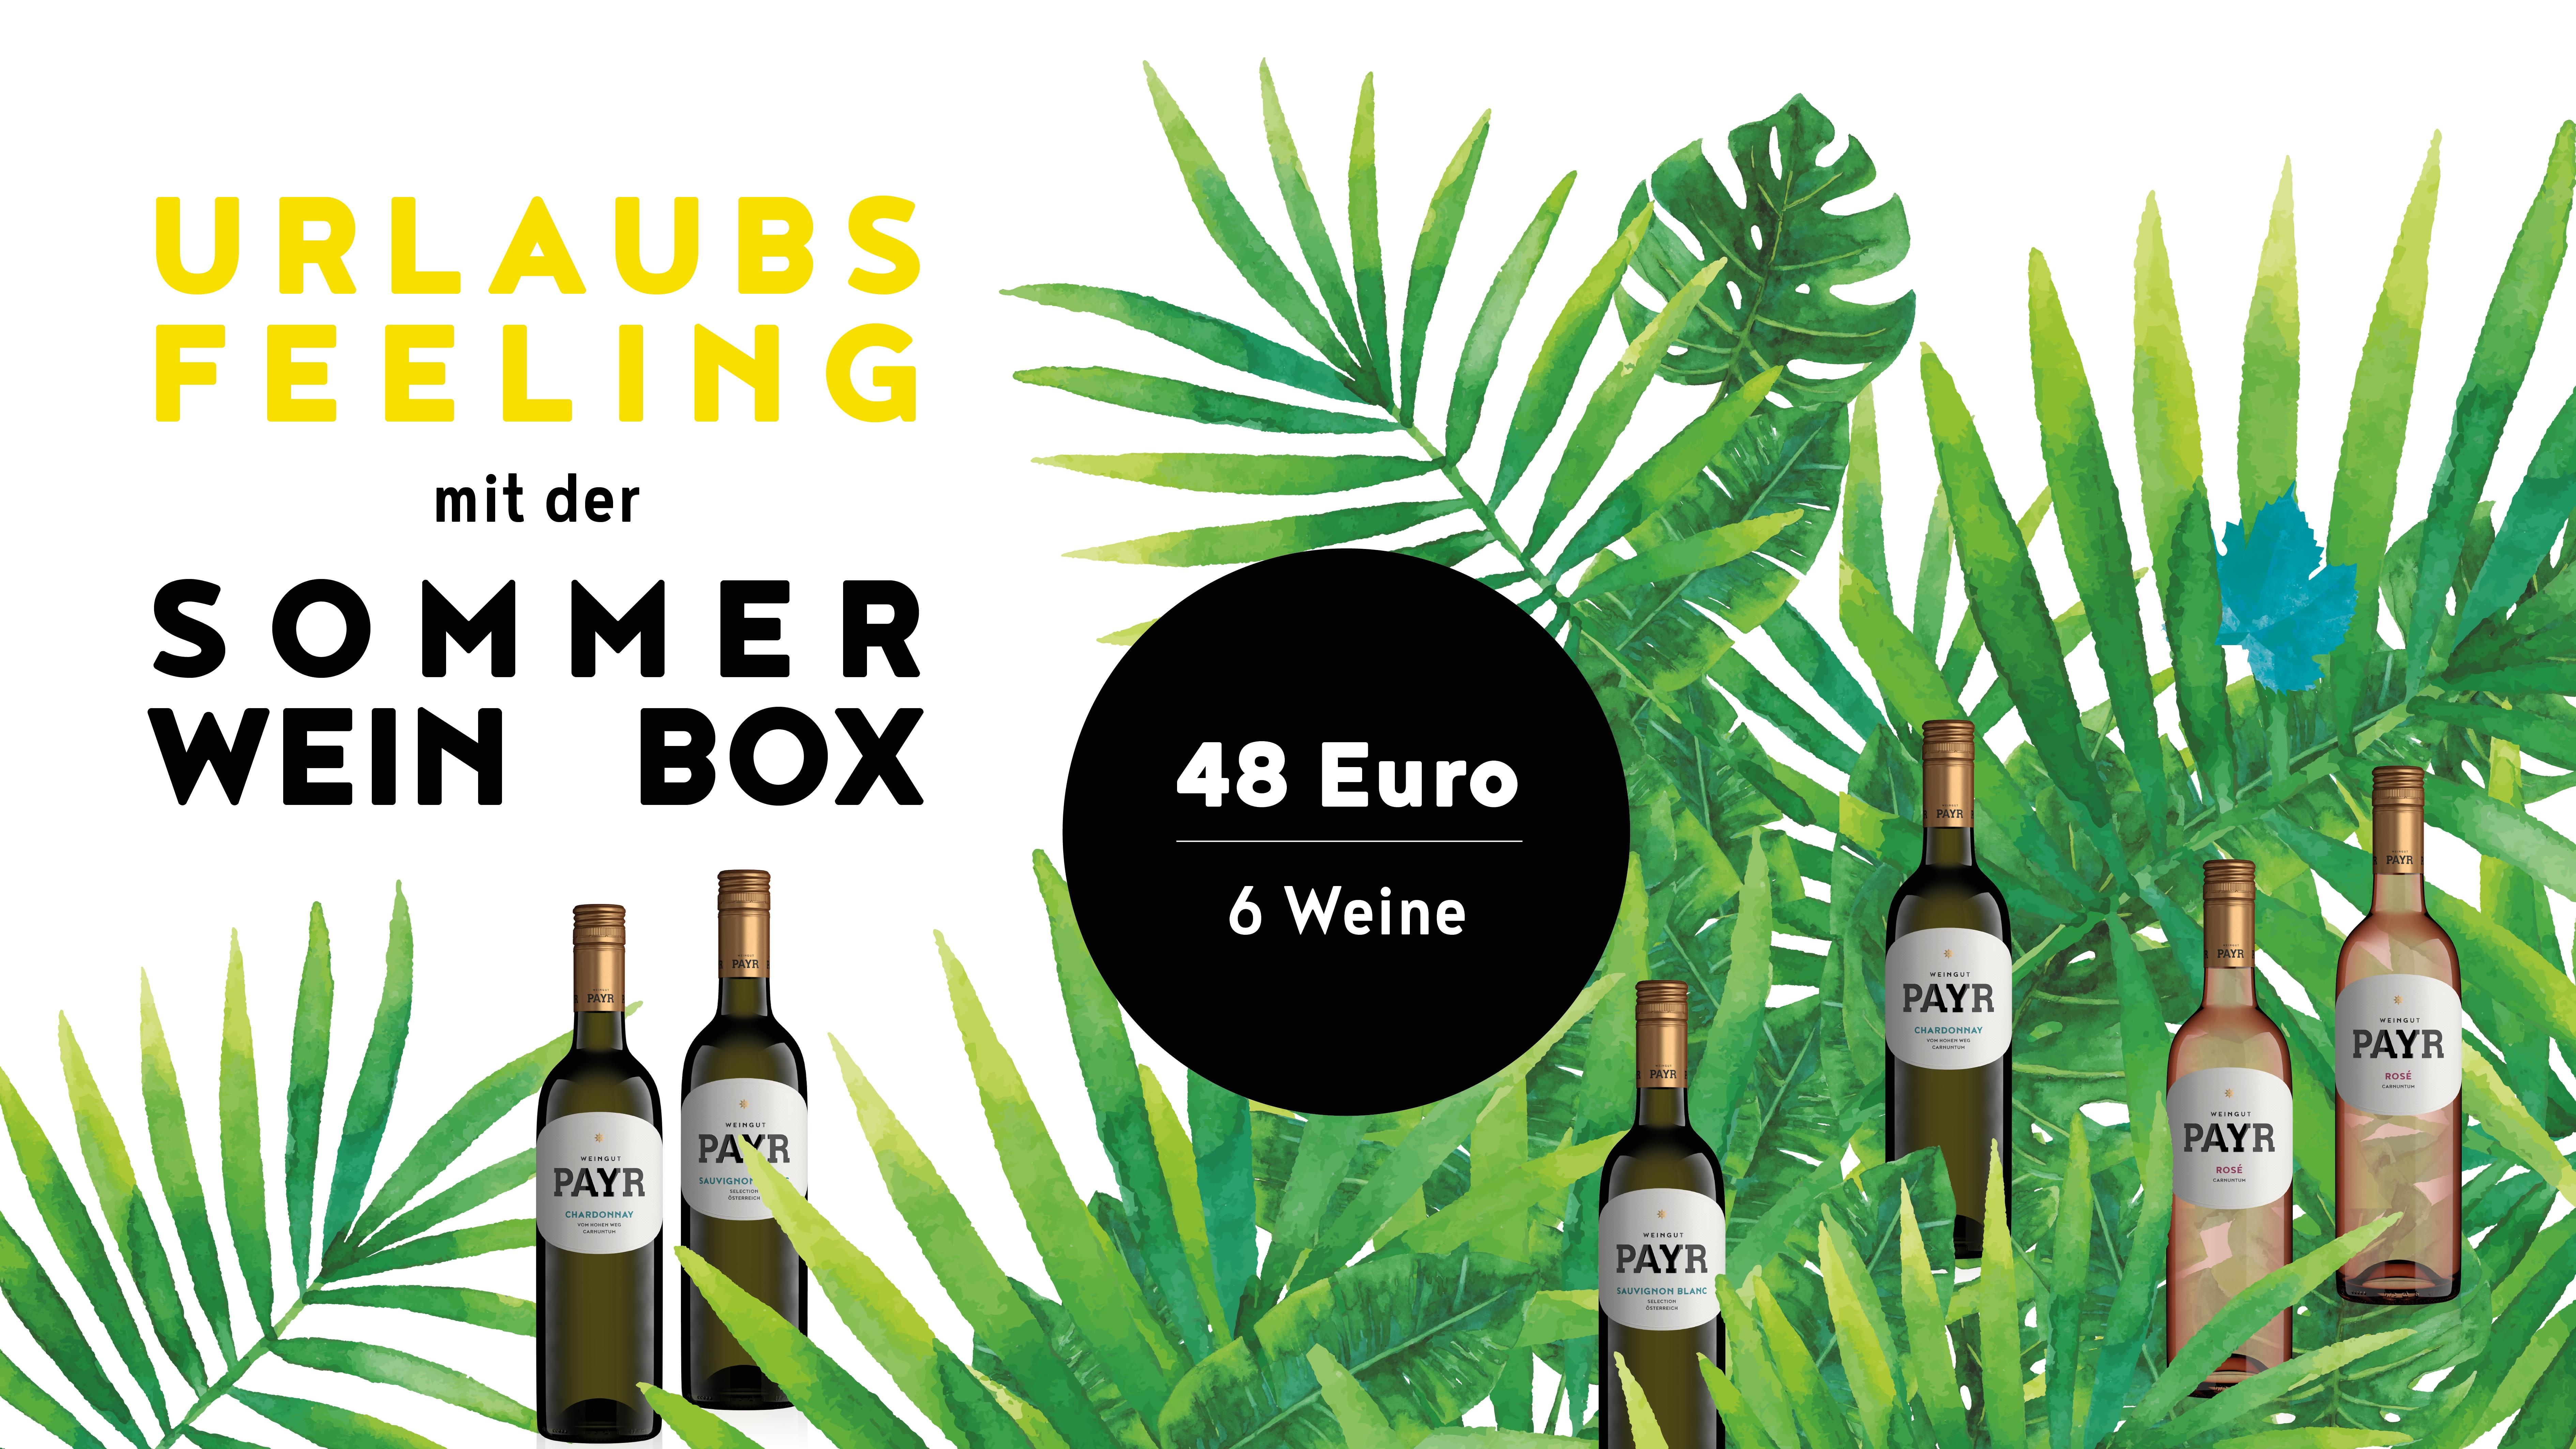 Sommer Wein Box Website